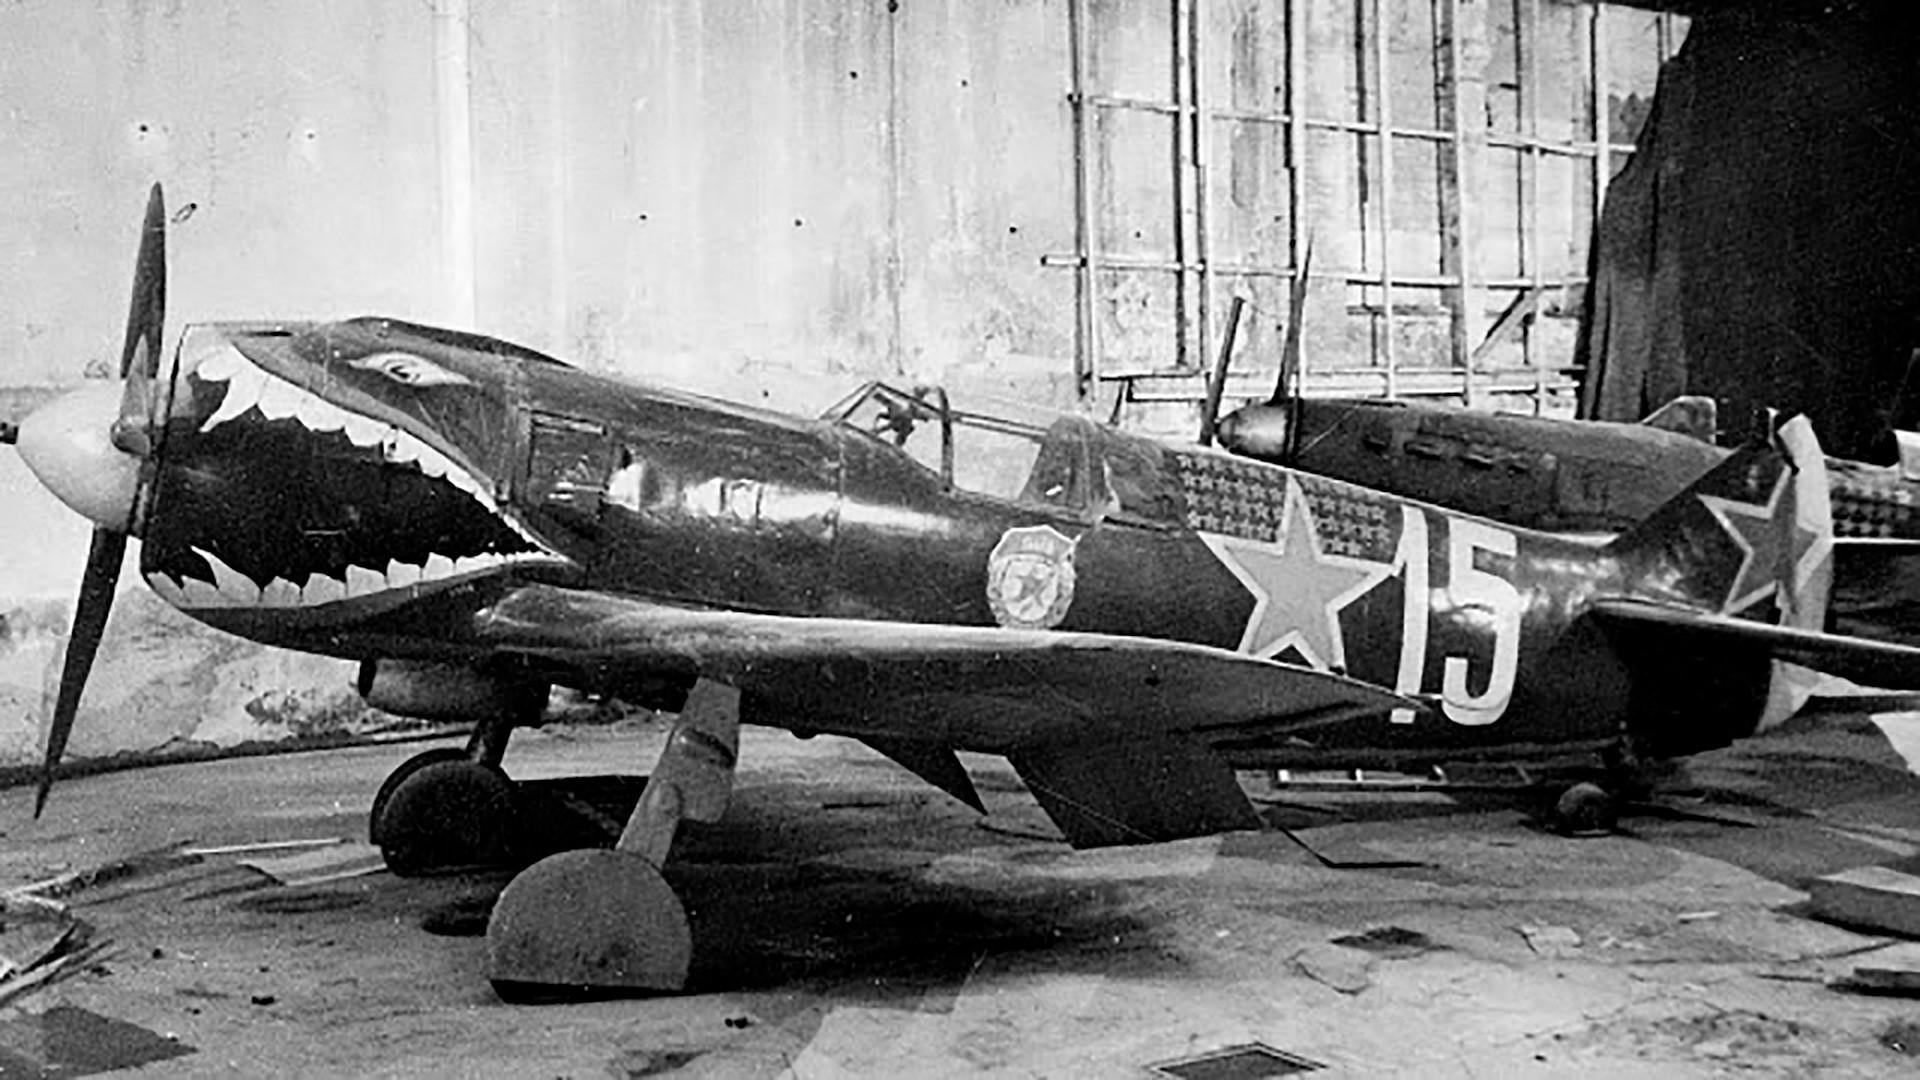 Tek kad je rat odmaknuo sovjetski piloti su za svoje lovce počeli osmišljavati zanimljivije i provokativnije crteže.